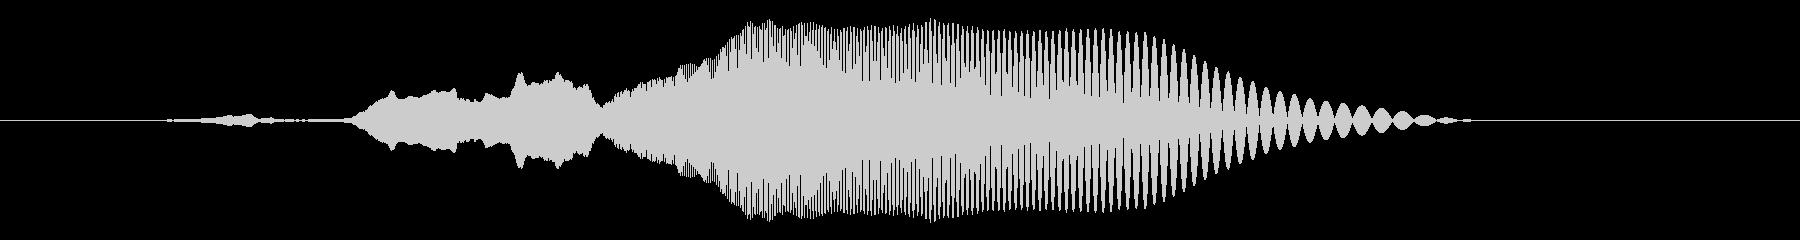 ピュ↓(画面の枠が閉じる)の未再生の波形